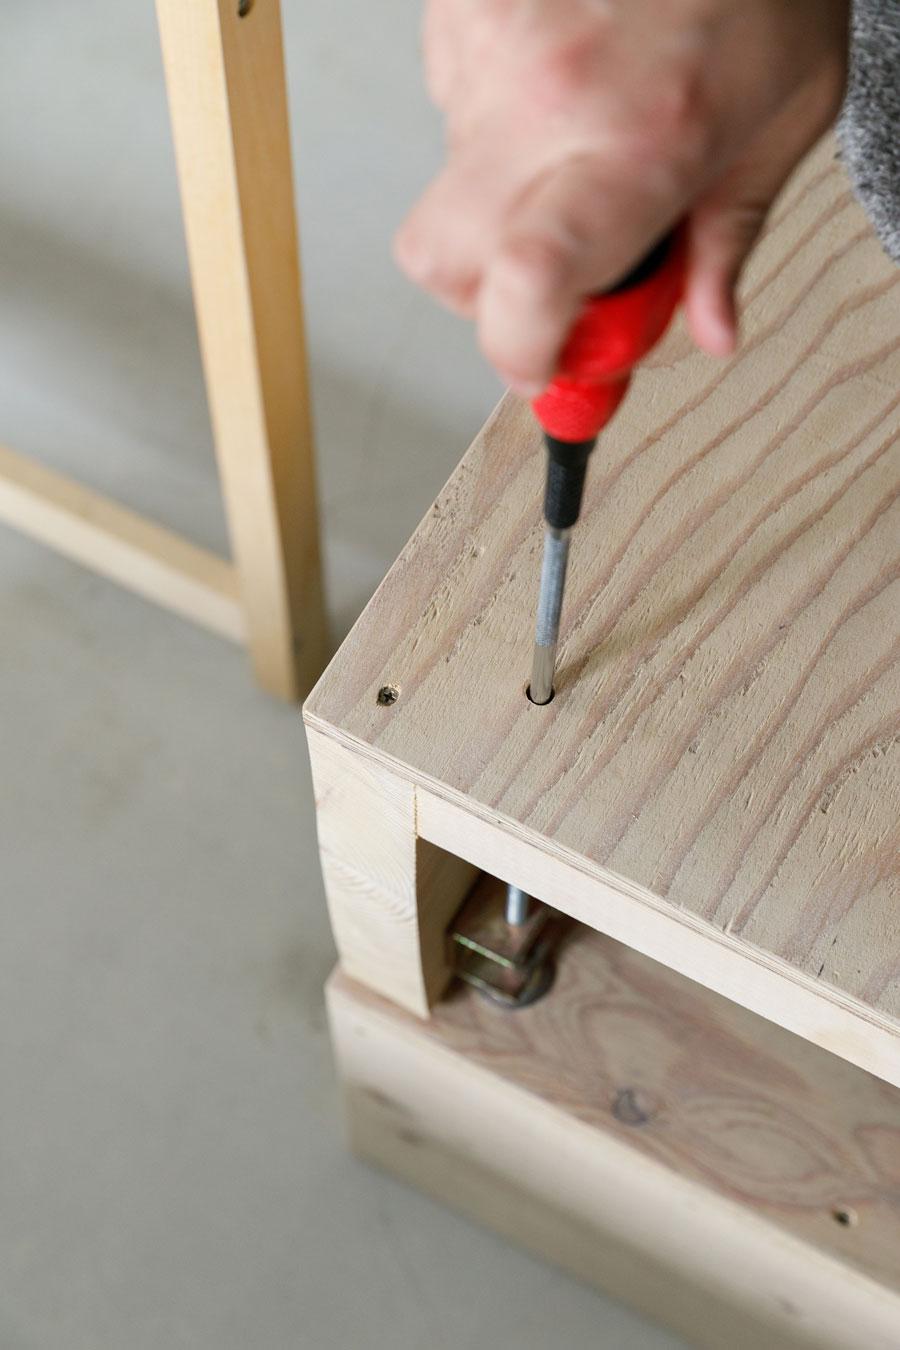 床に敷いた後に水平を取れるよう、小さな穴からドライバーを差し込み、金具で高さを調整できるようにしてある。